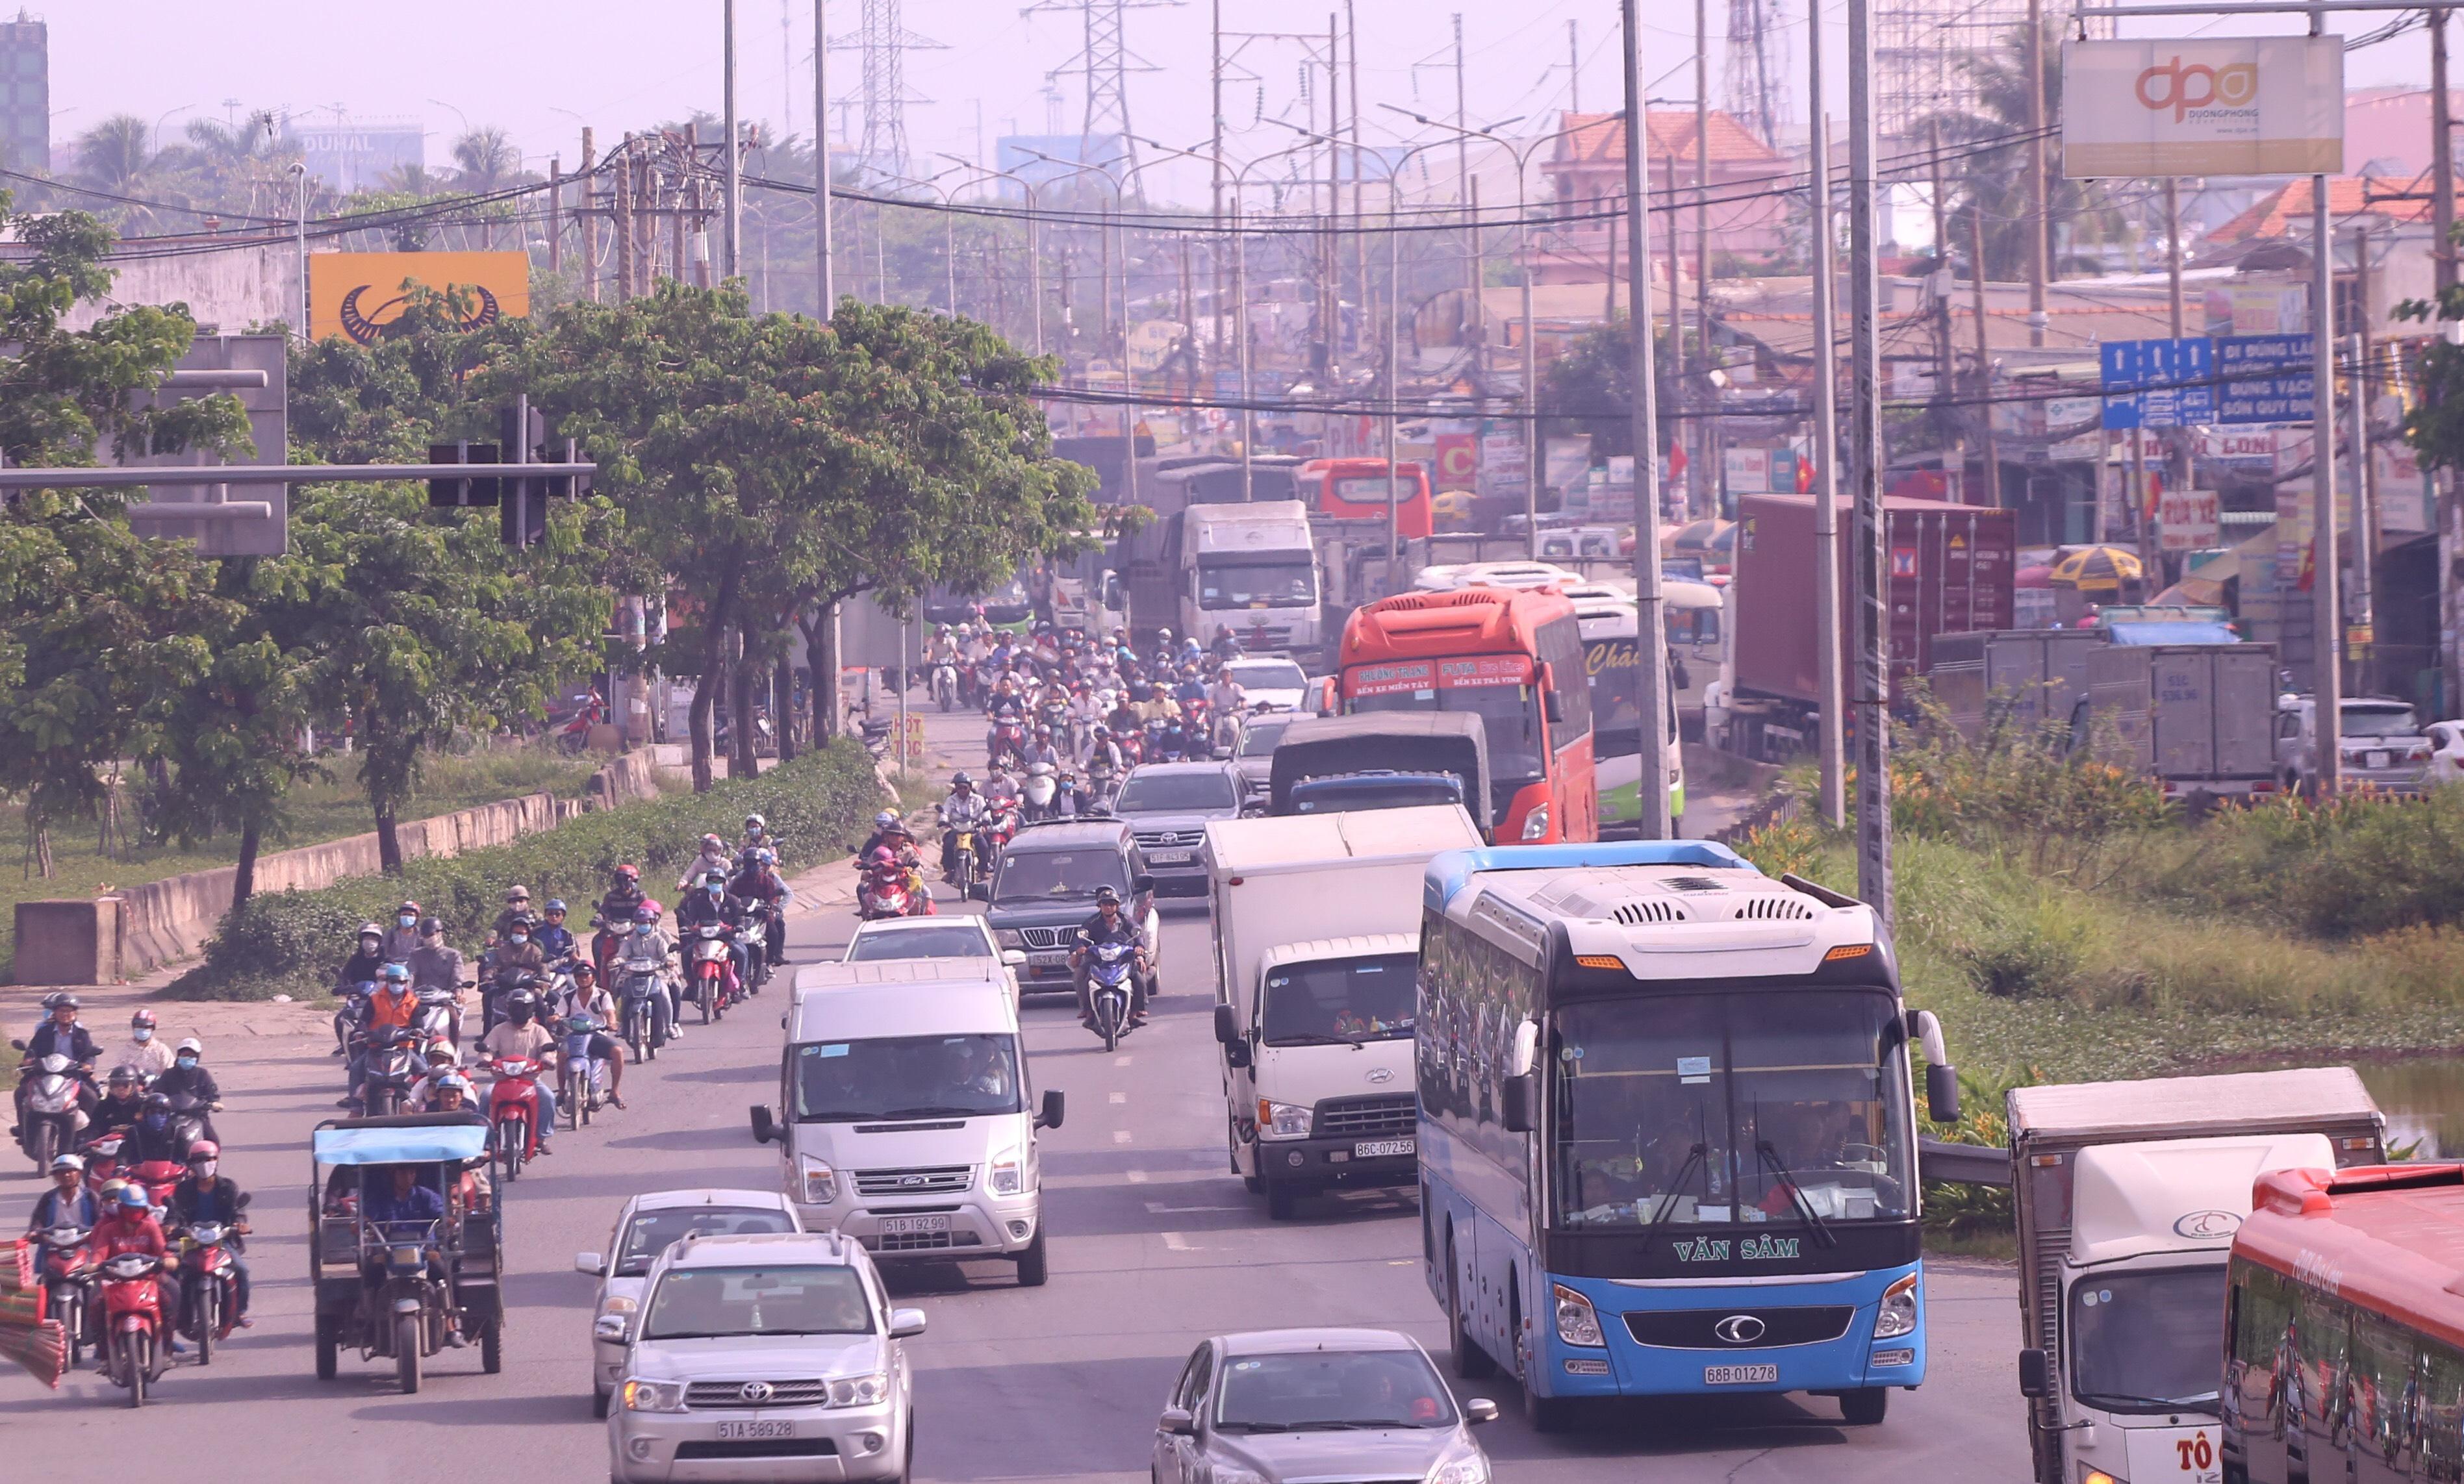 Kết thúc kỳ nghỉ lễ, người dân lỉnh kỉnh đồ đạc, mang theo trẻ nhỏ ùn ùn trở lại Hà Nội và Sài Gòn - Ảnh 20.